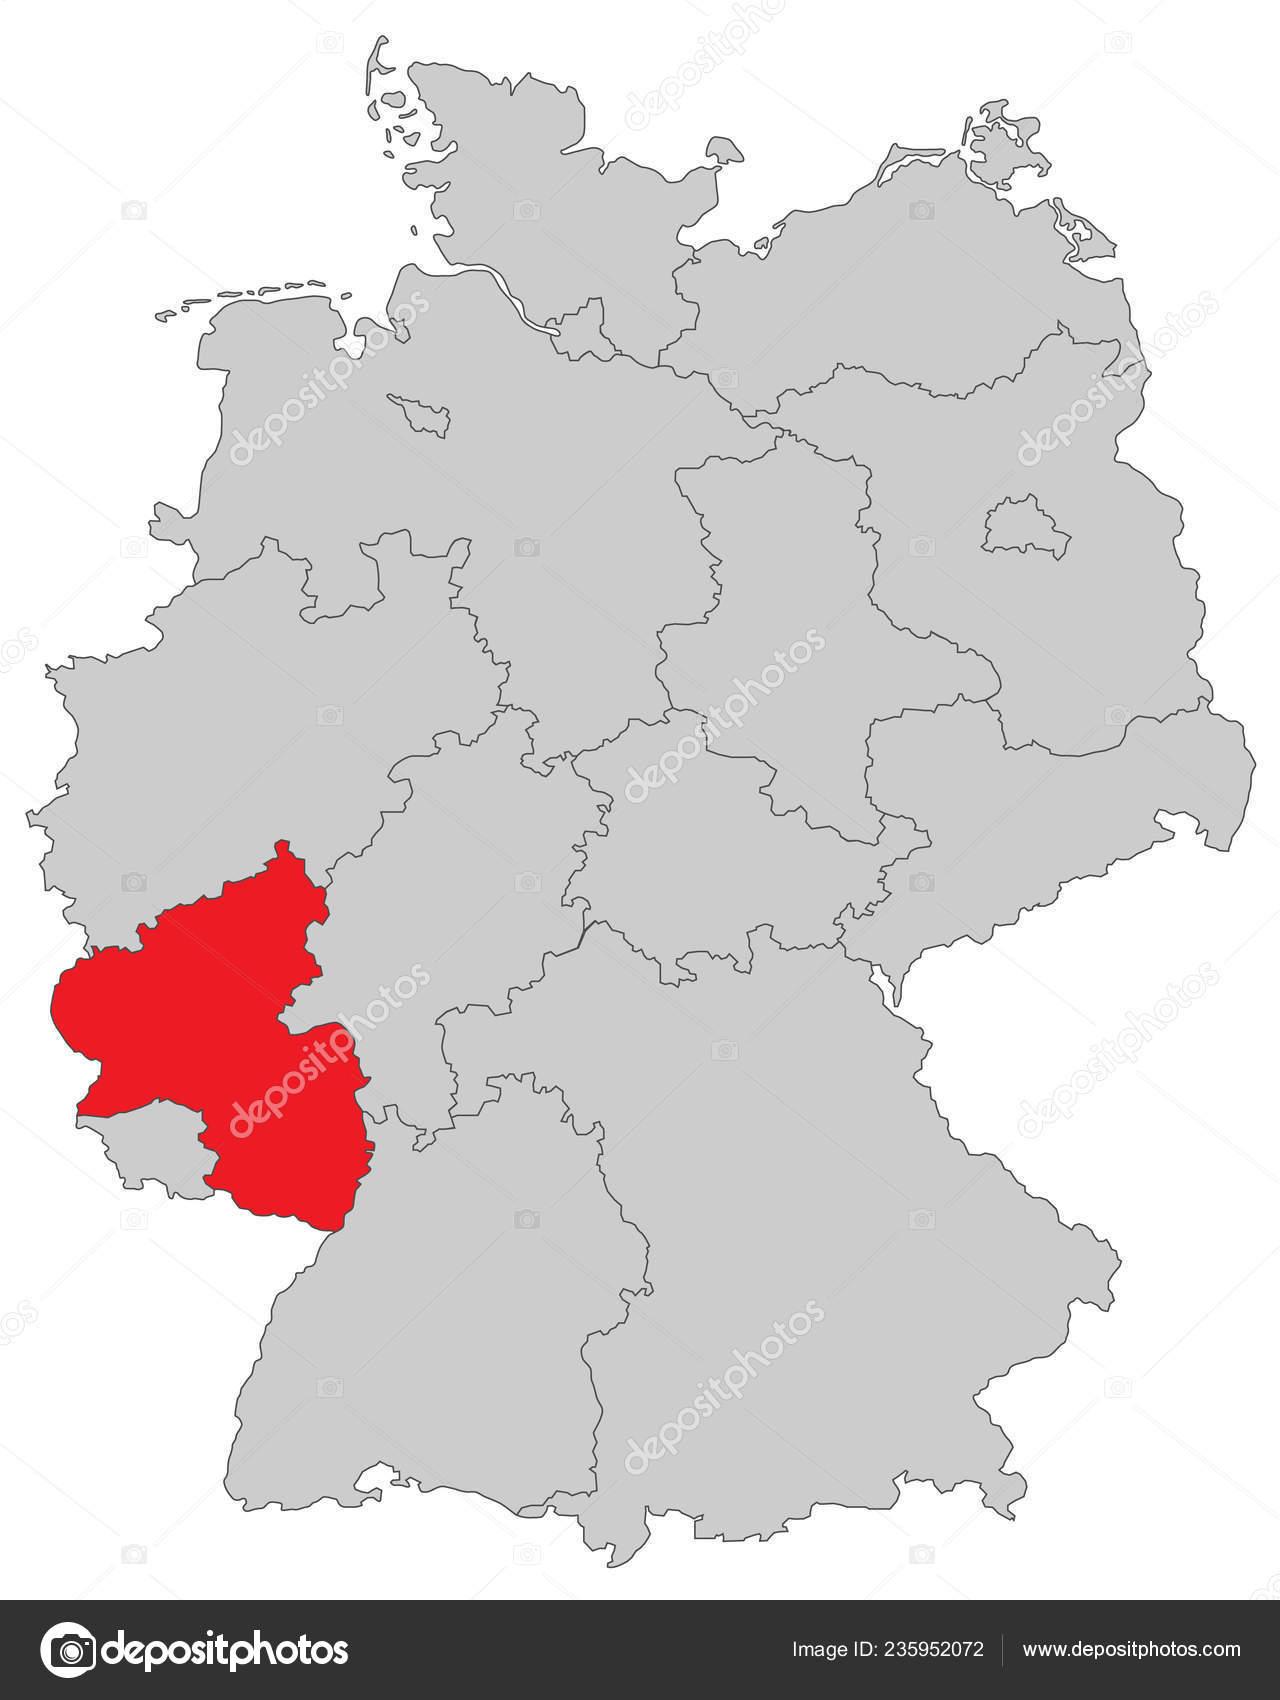 Rheinland Pfalz Map Germany High Detailed Stockvektor C Ii